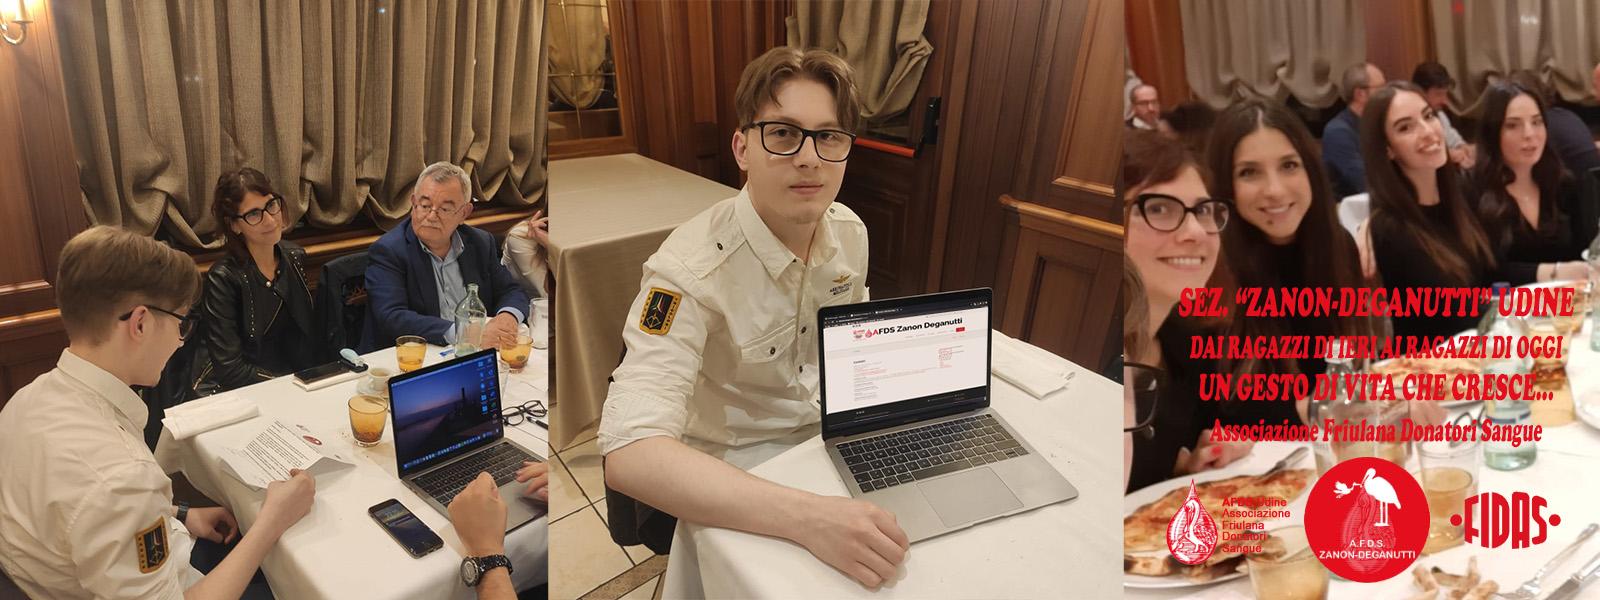 Gianluca vincitore del concorso per la realizzazione del sito web dell'AFDS